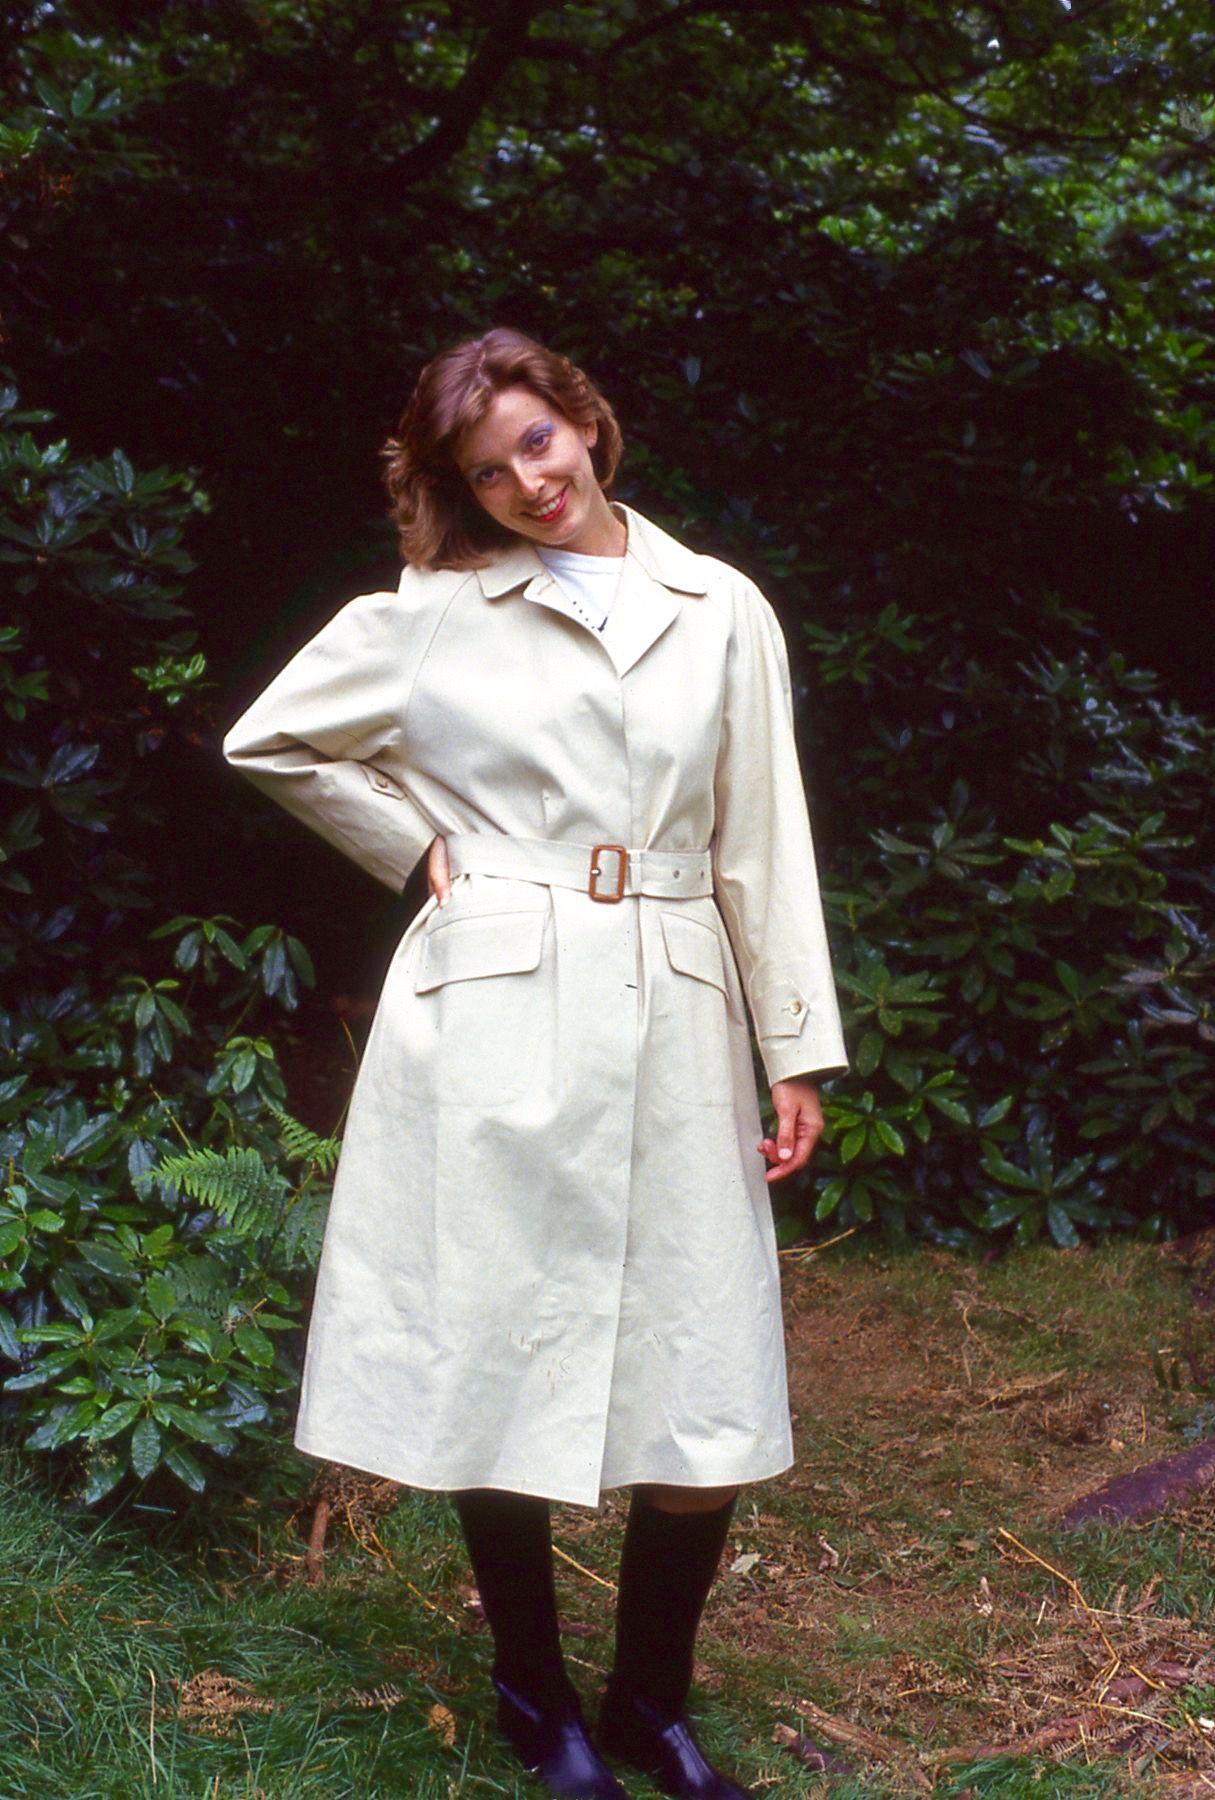 Rowlands Ladies Fashions